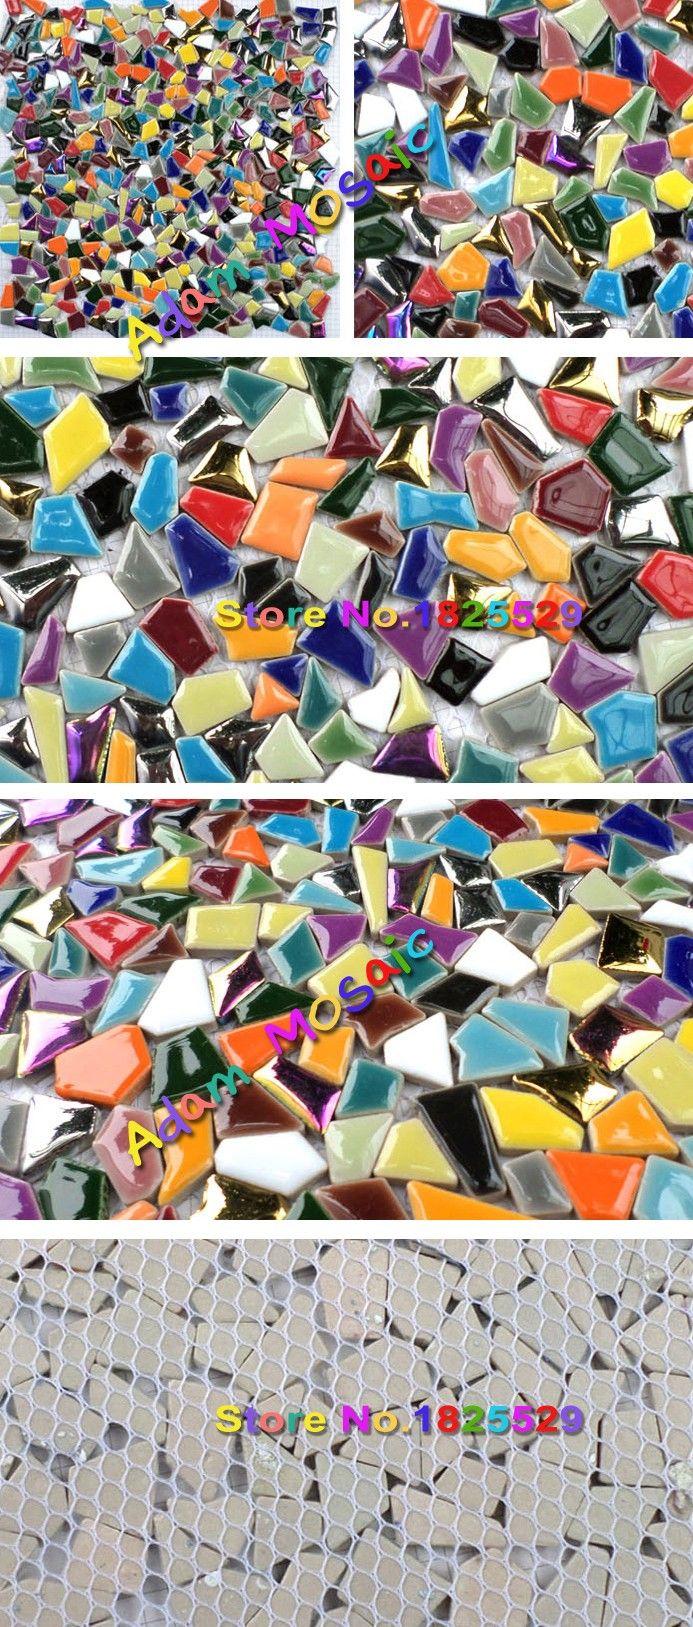 Mosaik Fliesen Farben Backsplash Schillernden Glasmosaik Fliesen Kunst  Multi Farbige Wand Fliesen Küche Kunst Materialien Deco